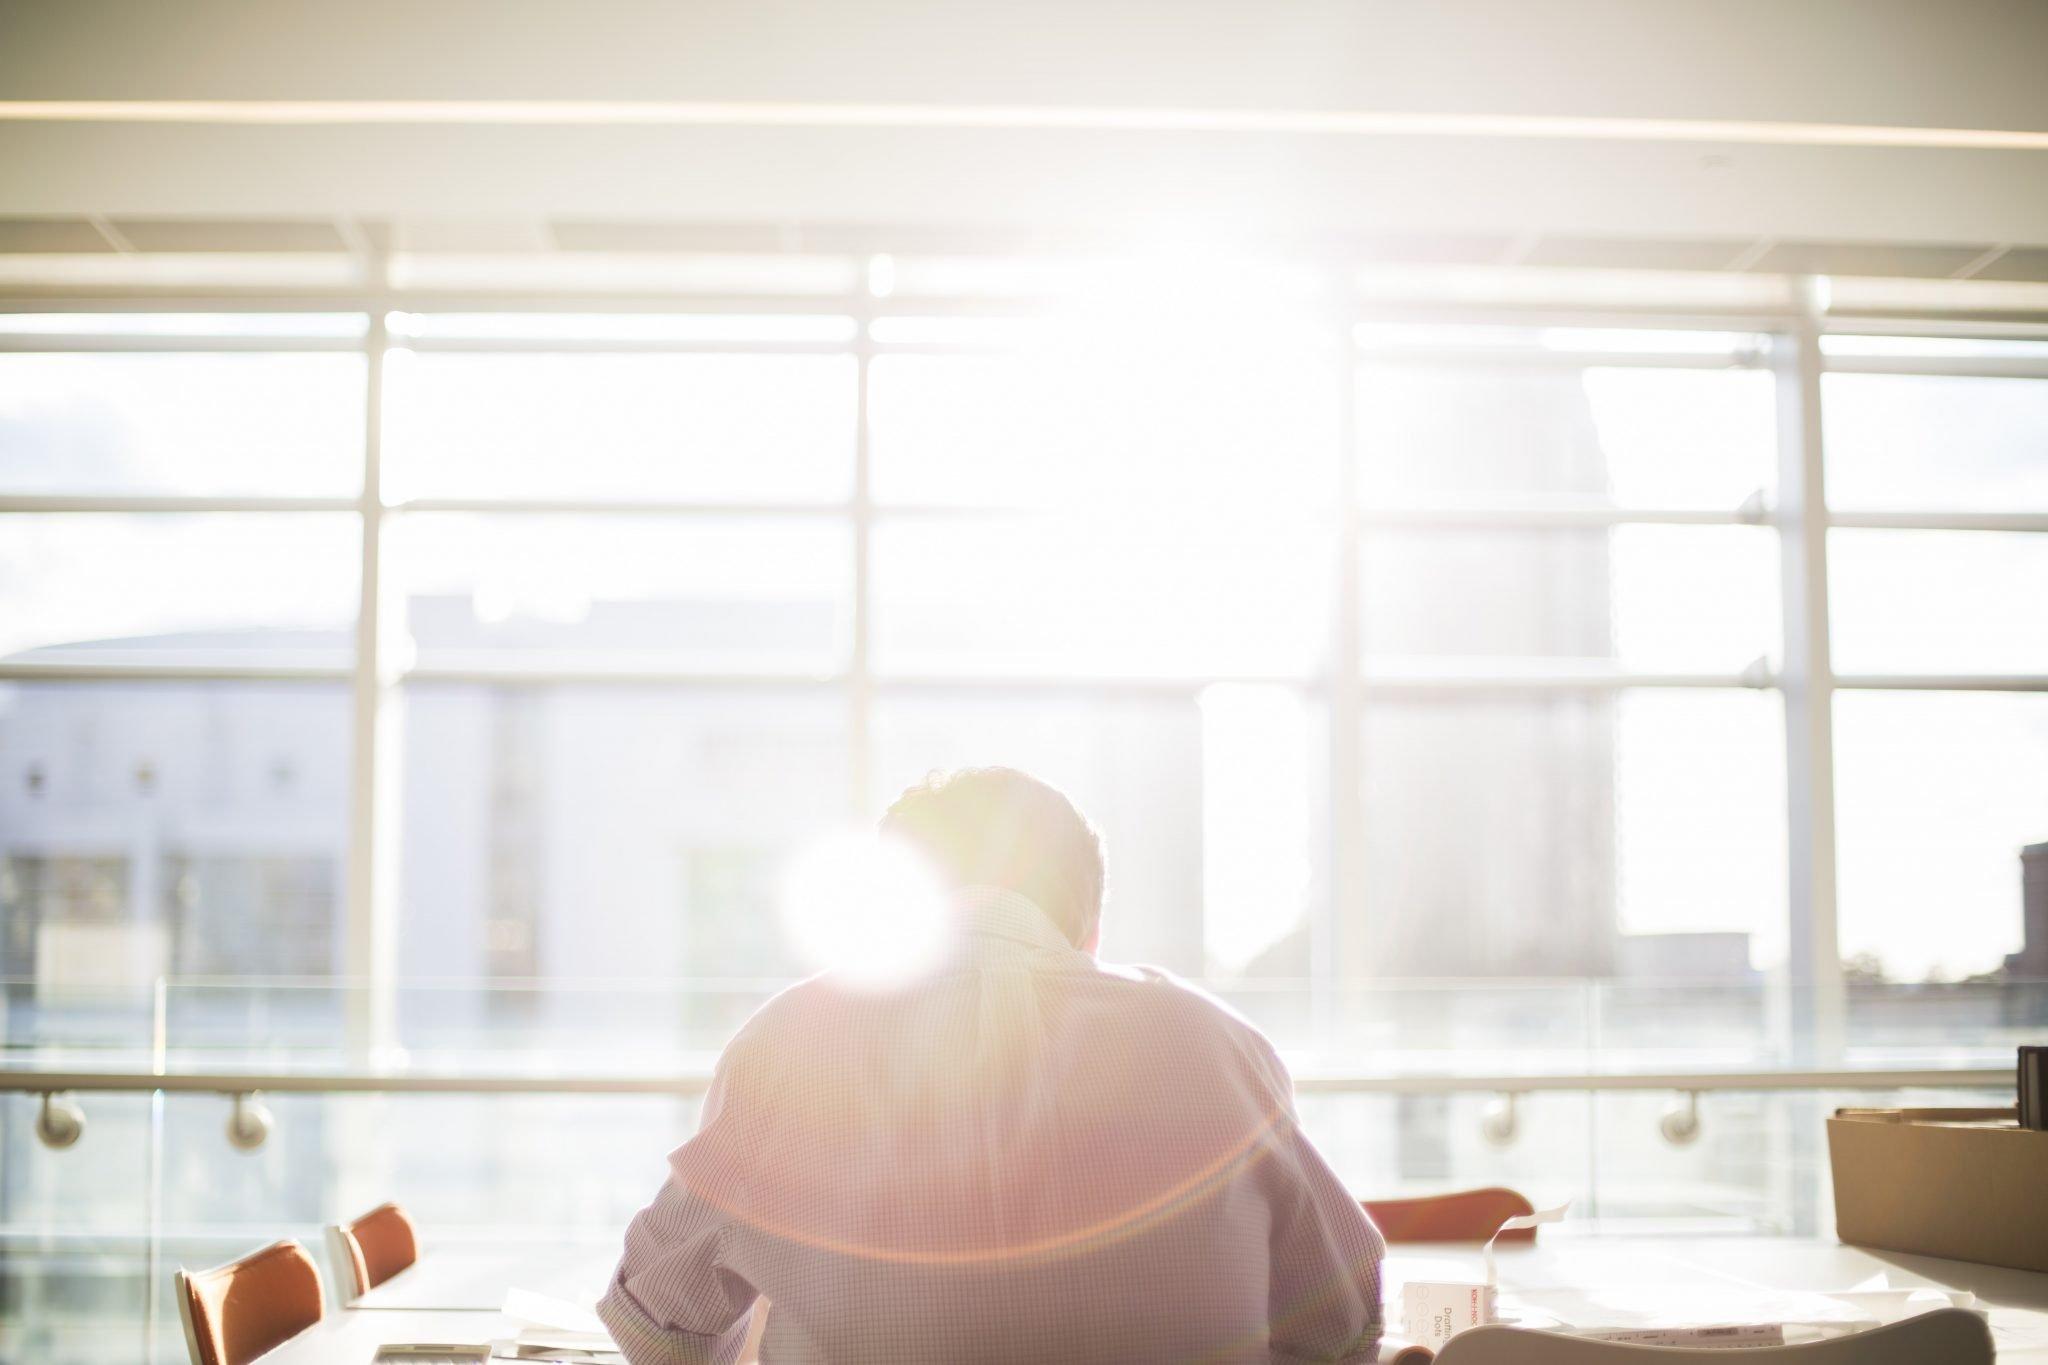 Reduce Glare - Increase Productivity